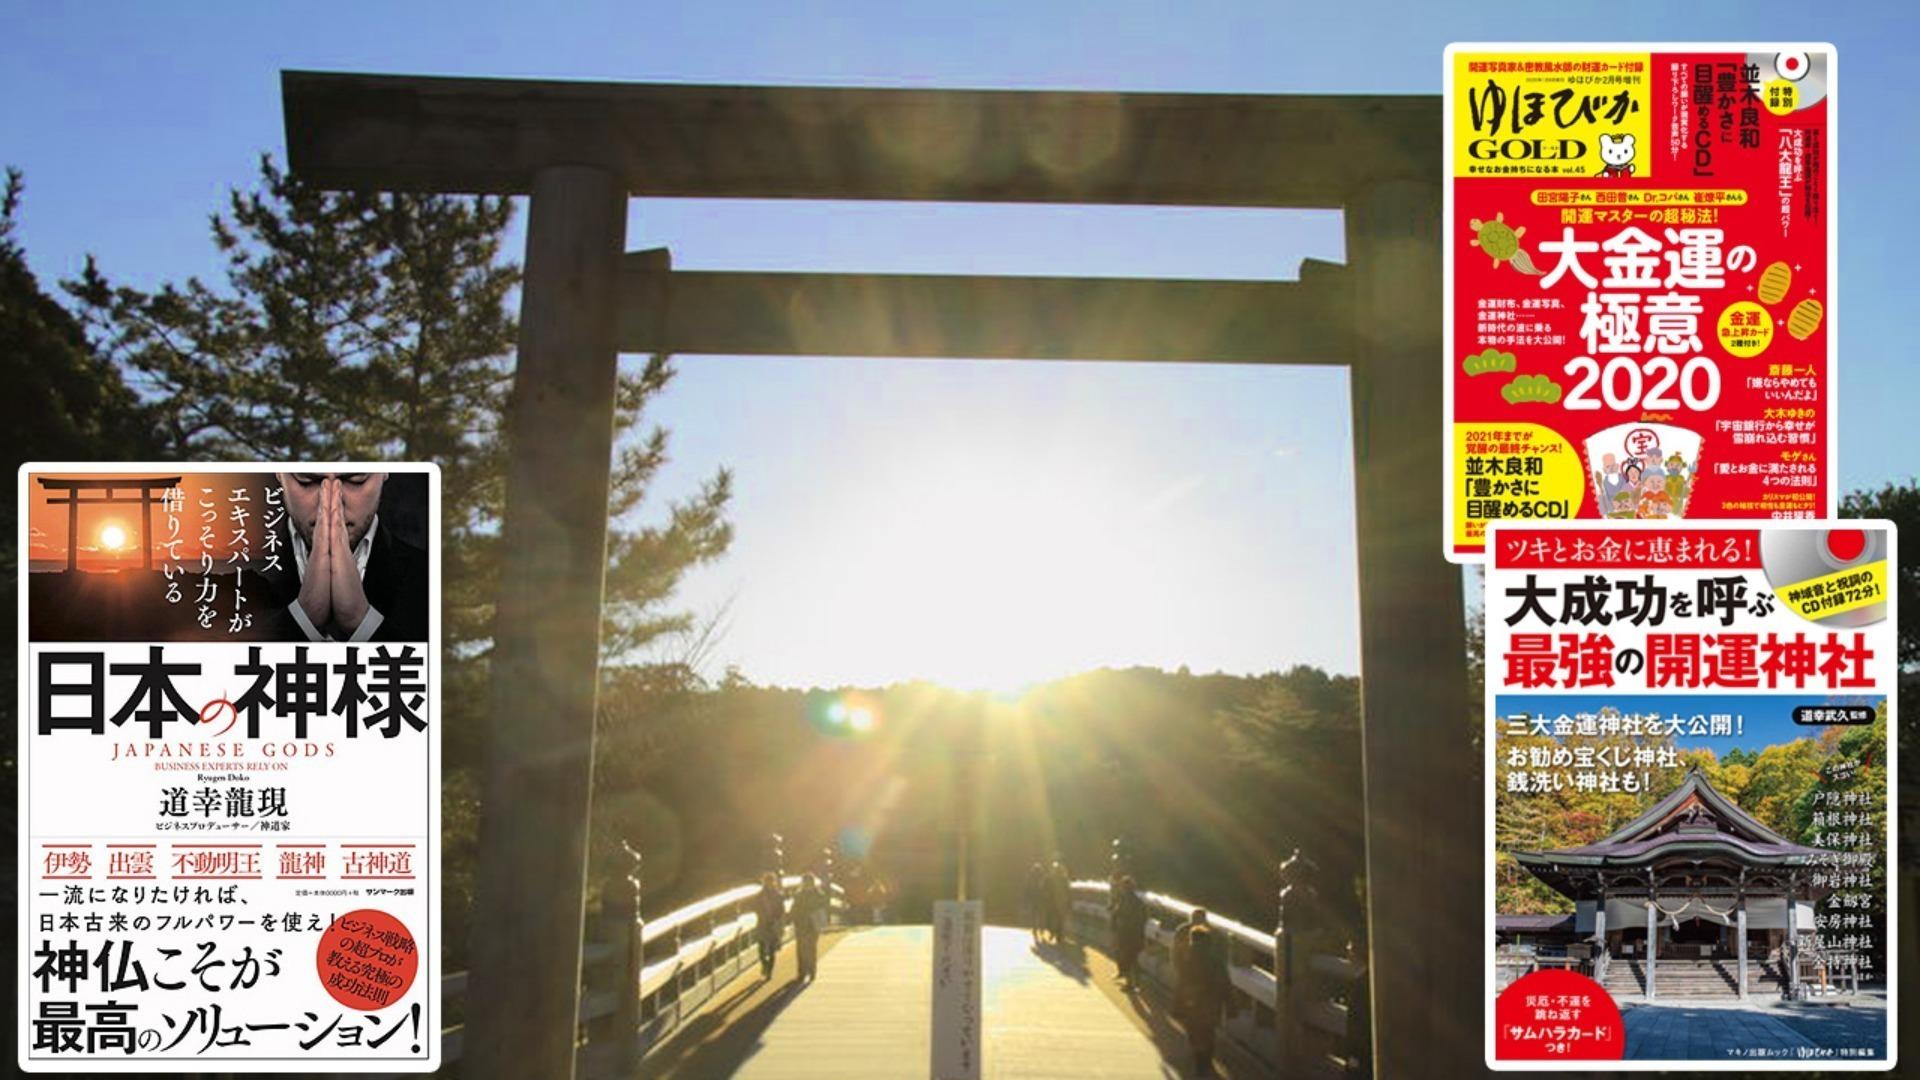 20.3.17【神道編】第6回 大祓祝詞/非会員1,000円にて購入可